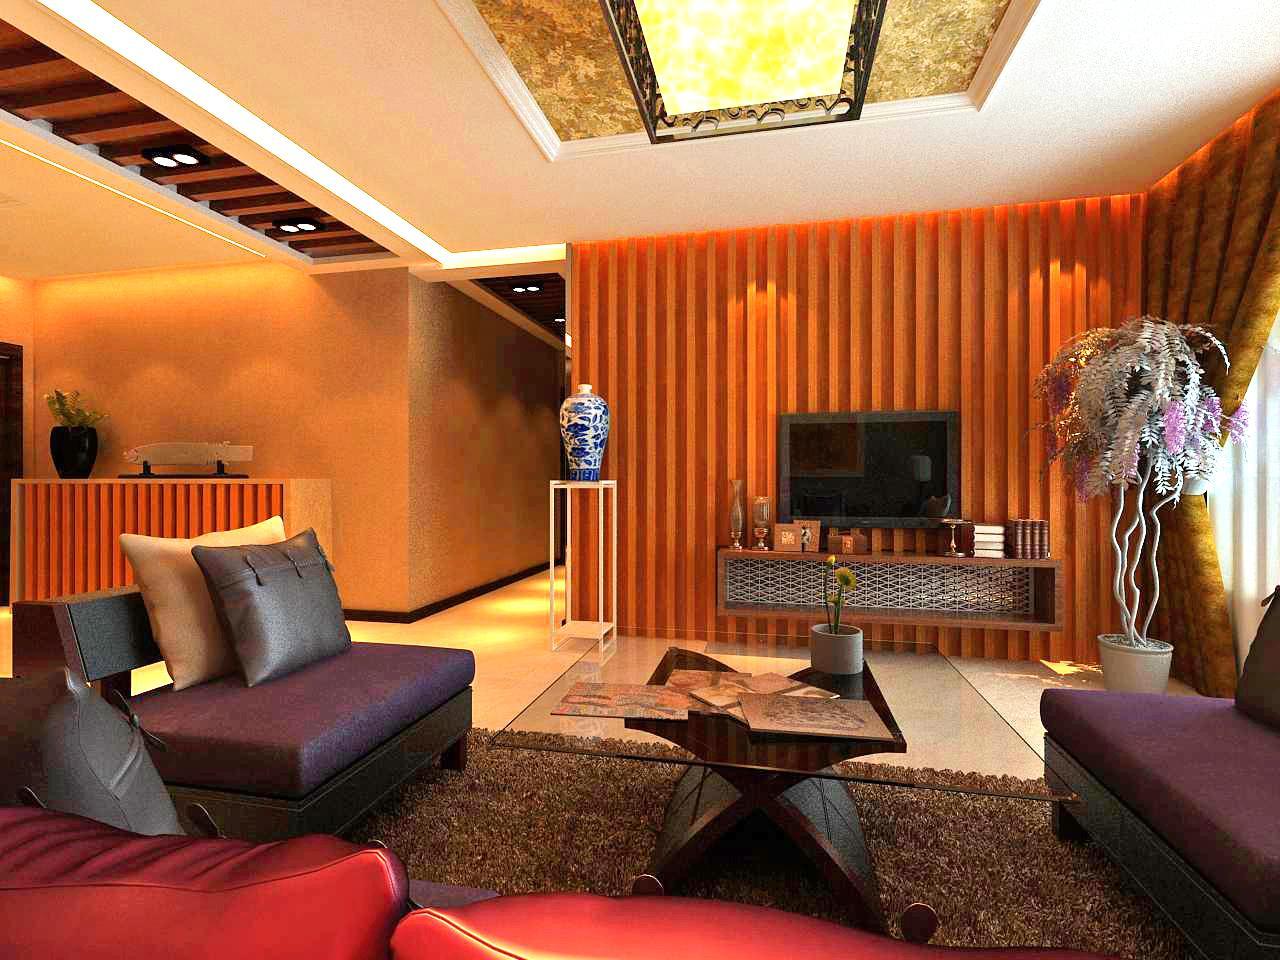 《晋级装饰》外滩三号效果图 117平米三居室混搭风格设计风尚